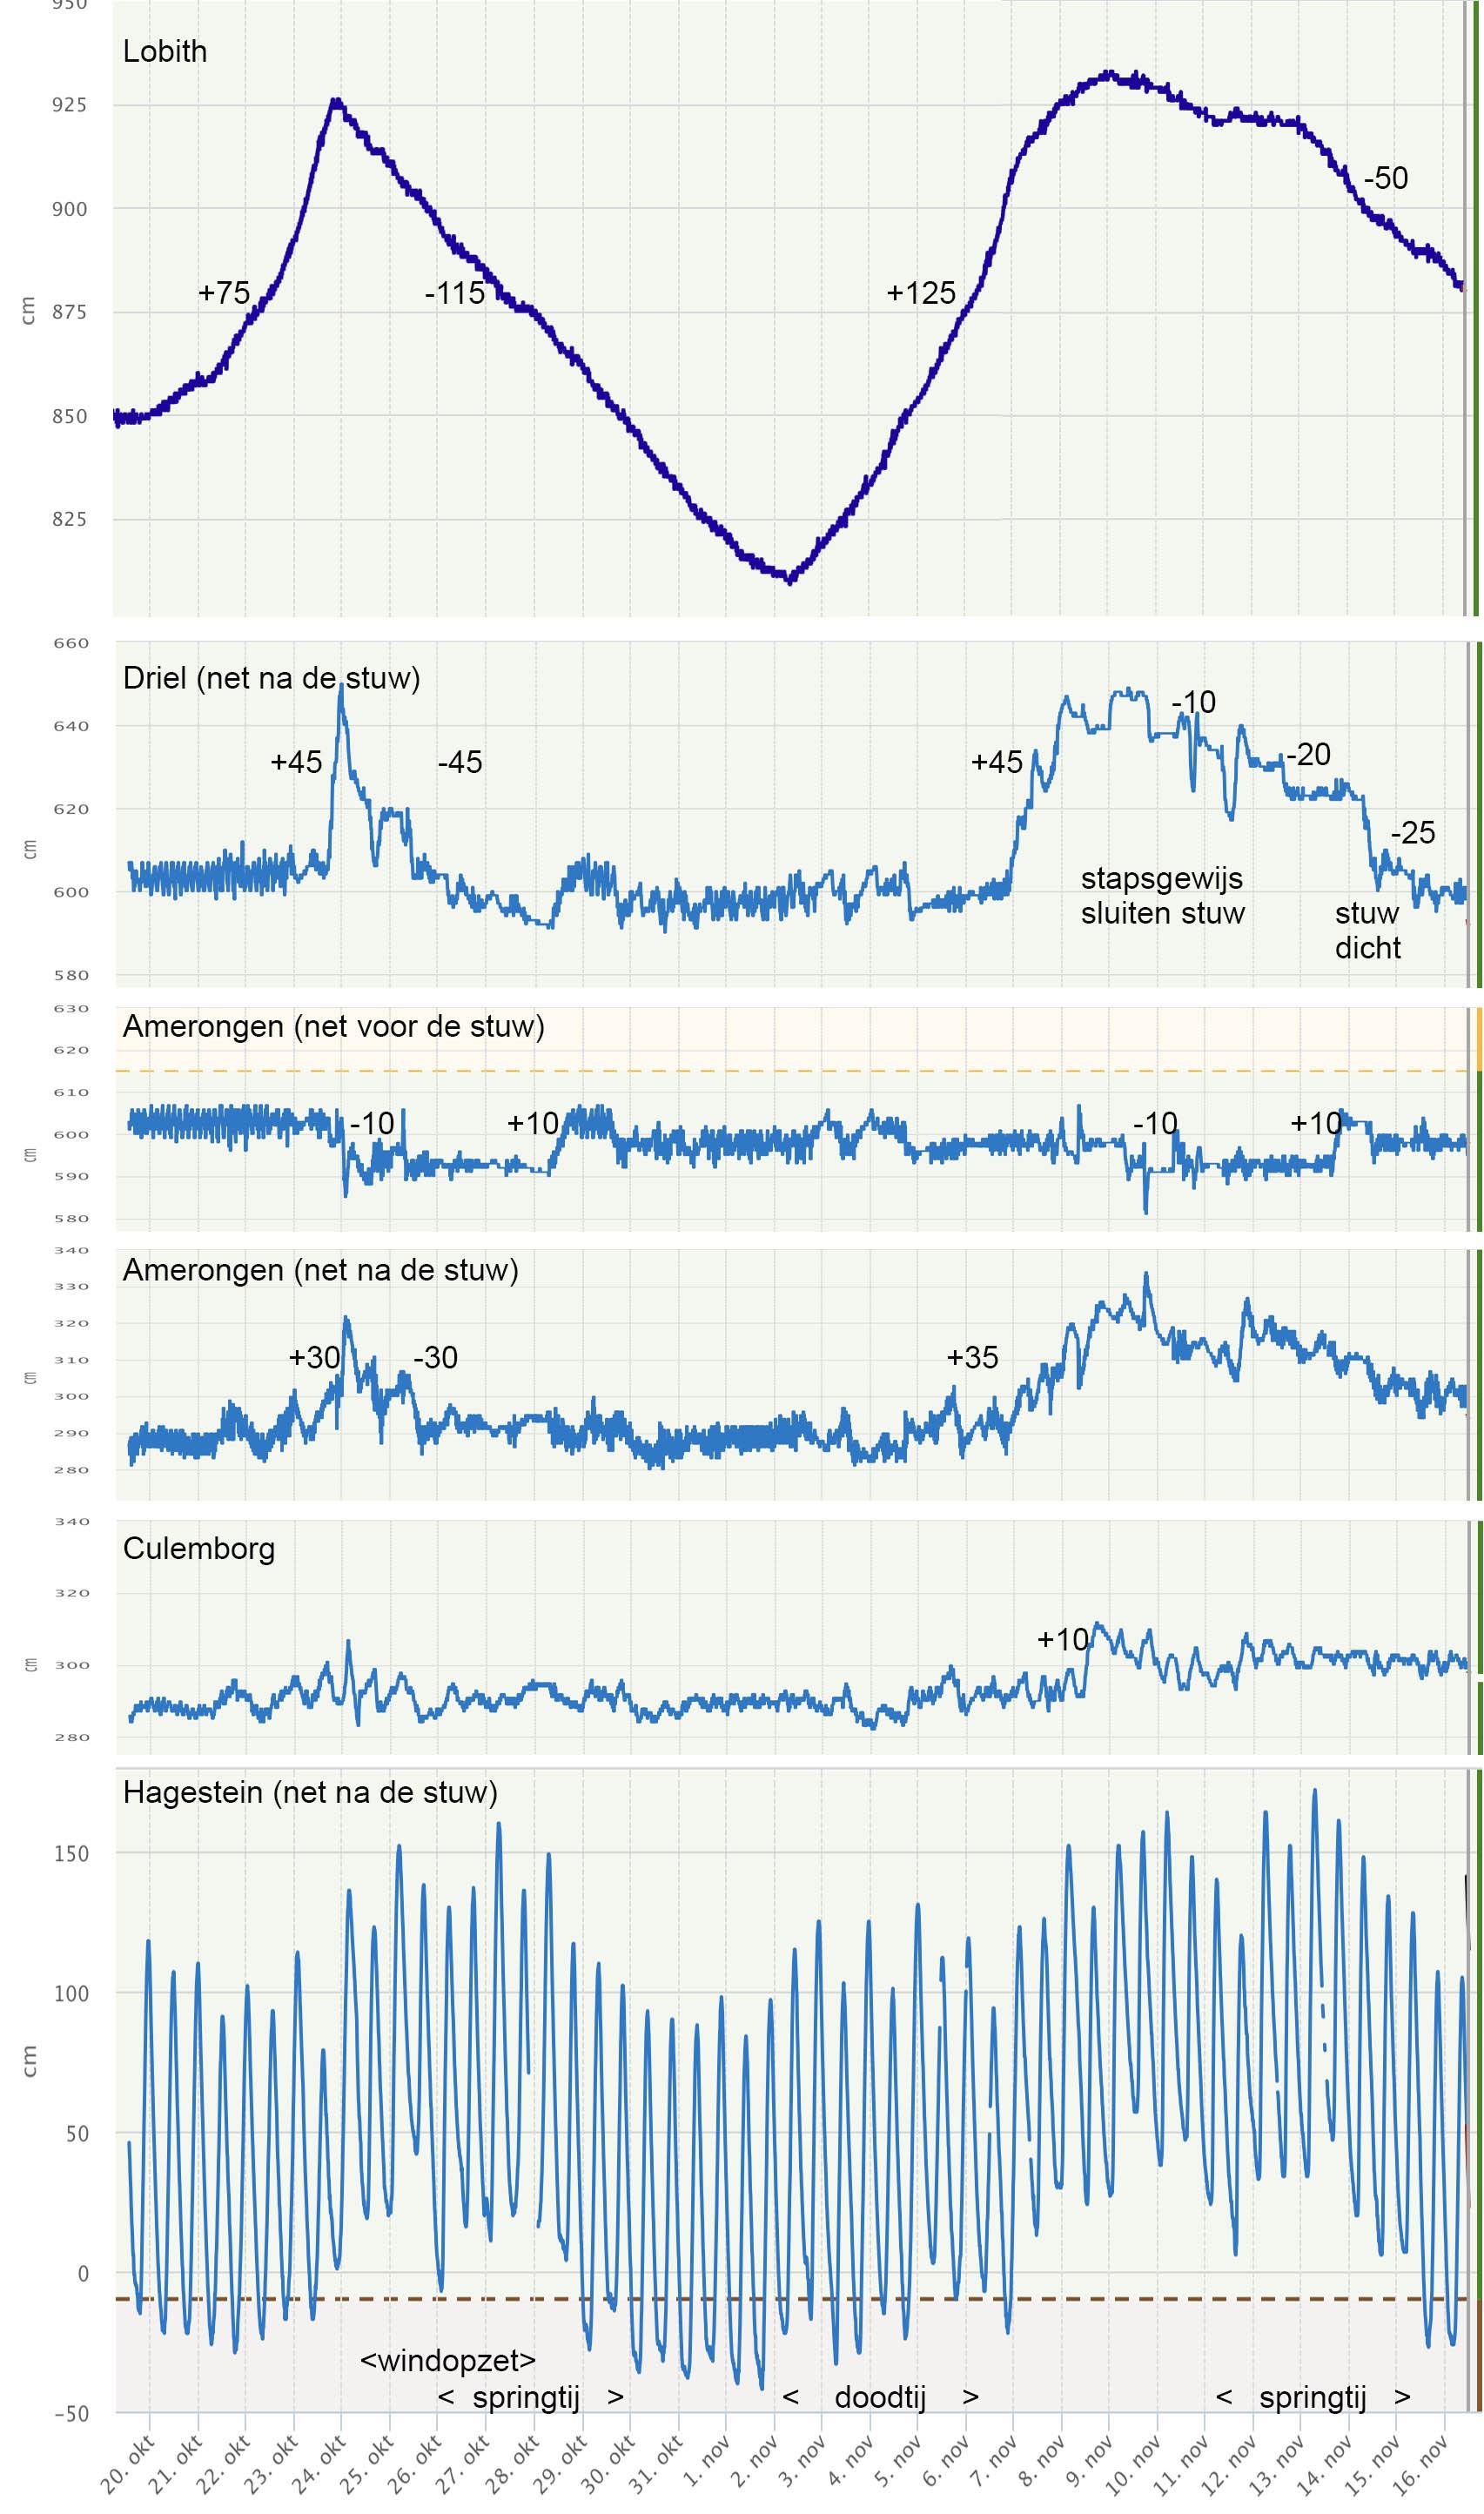 Het verloop van de waterstand in de Nederrijn/Lek bij 6 meetpunten van bovenstrooms naar benedenstrooms.